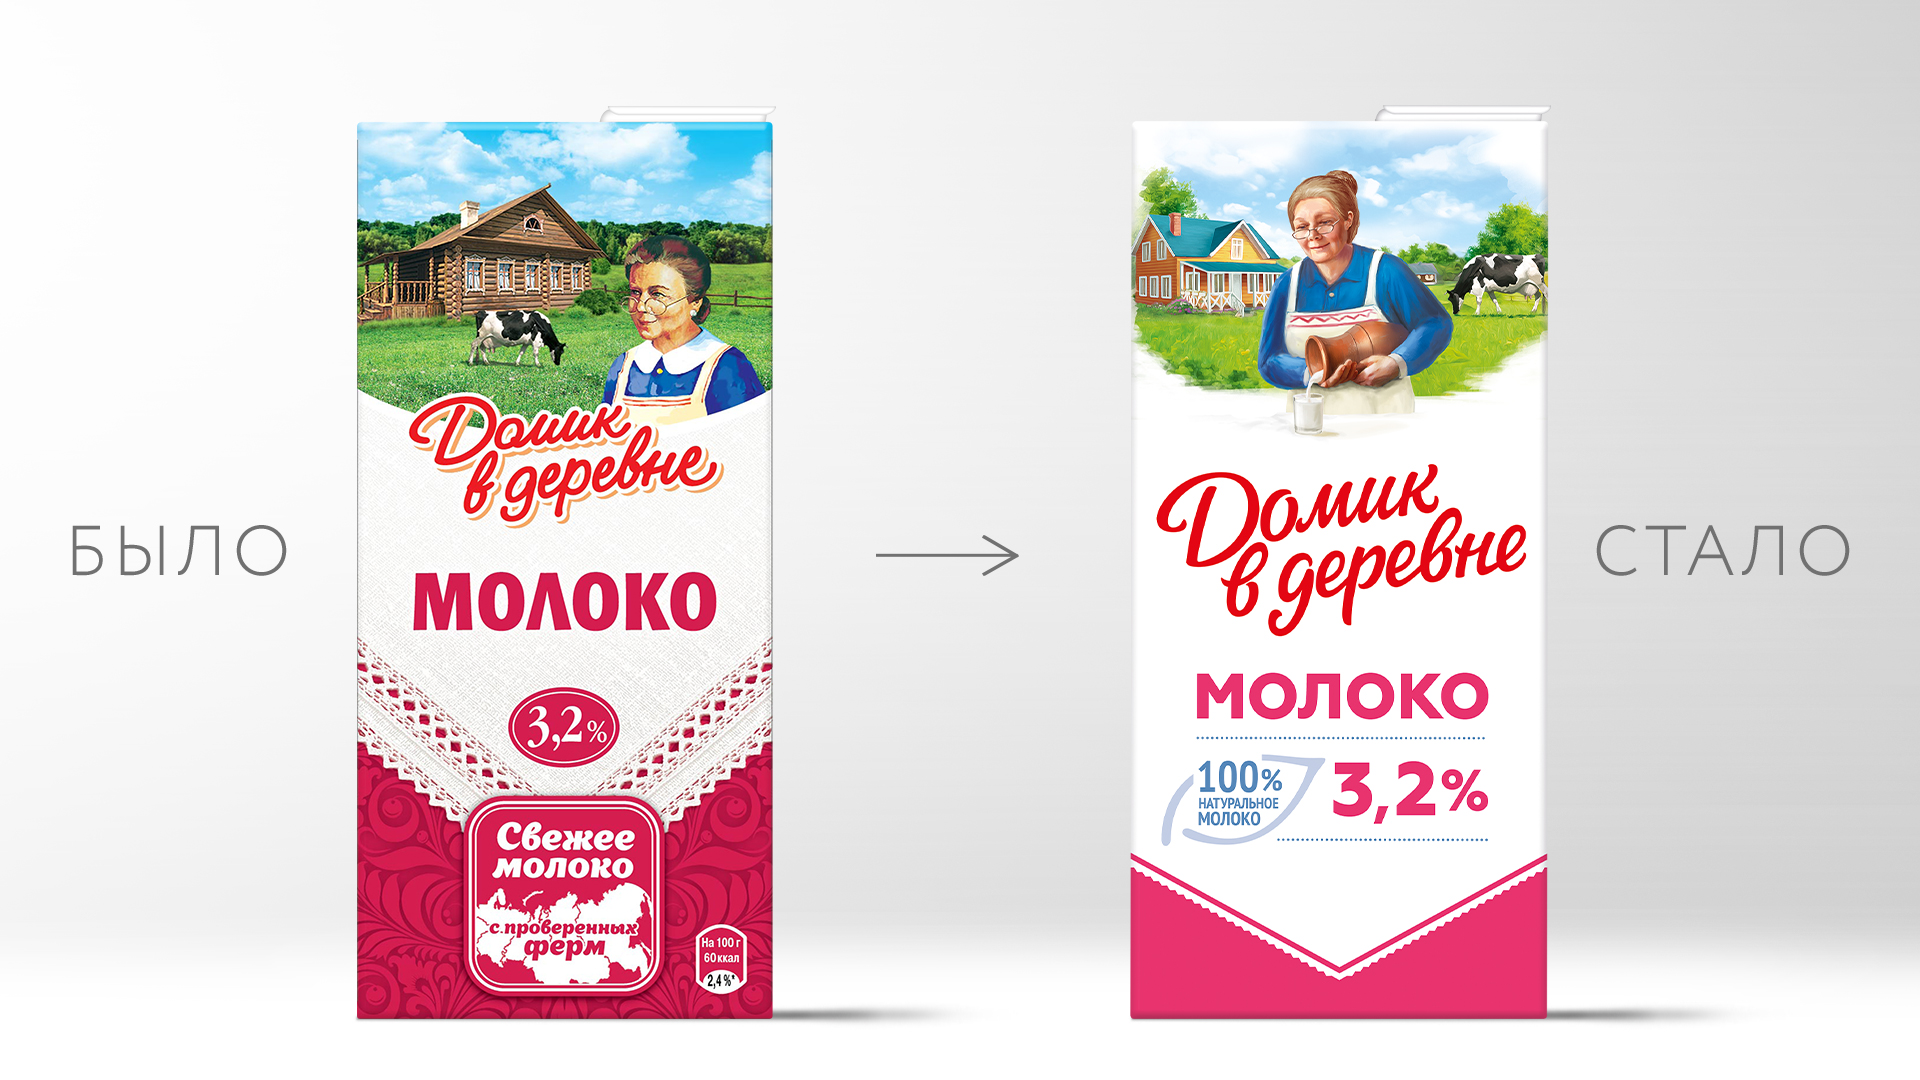 """Дизайн упаковки бренда """"Домик в деревне"""" до рестайлинга и после"""